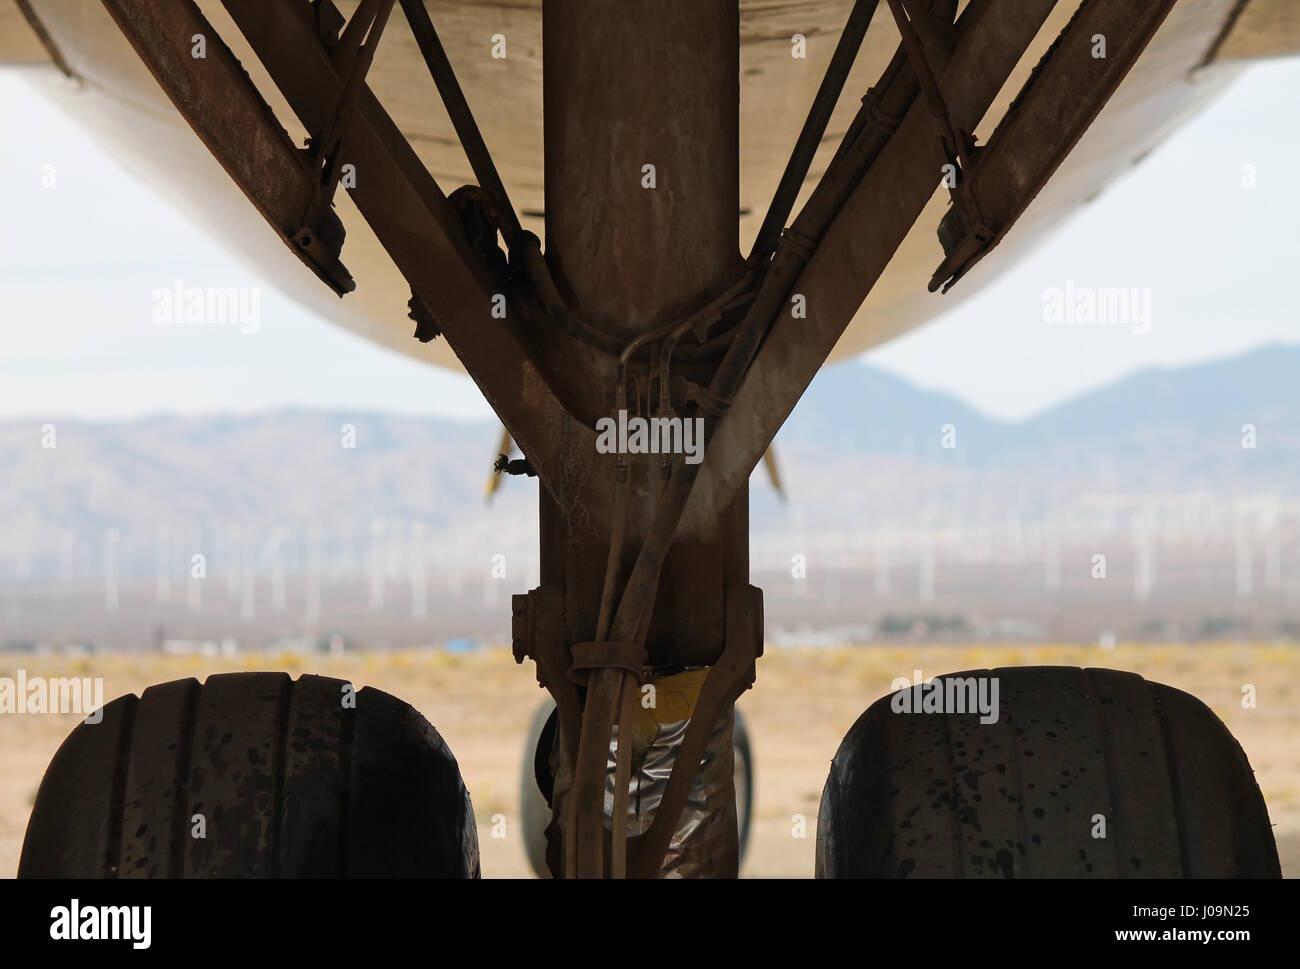 747 Jumbo Jet Airplane Wheels in Mojave Desert Stock Photo